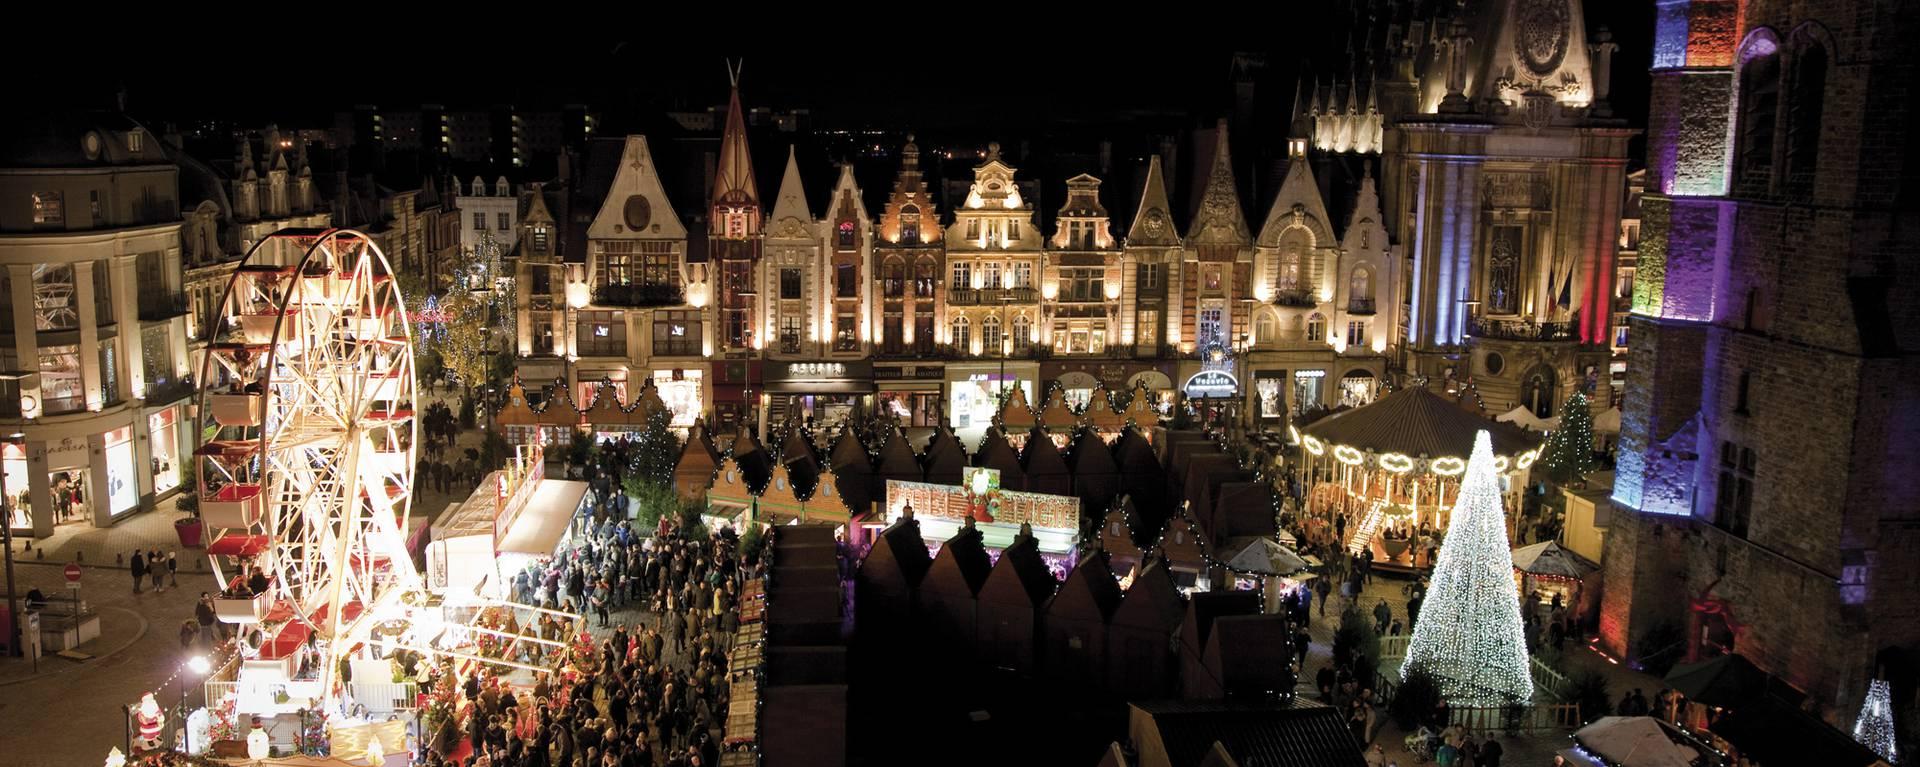 Le marché de Noël de Béthune, de nuit © Brigitte Baudesson